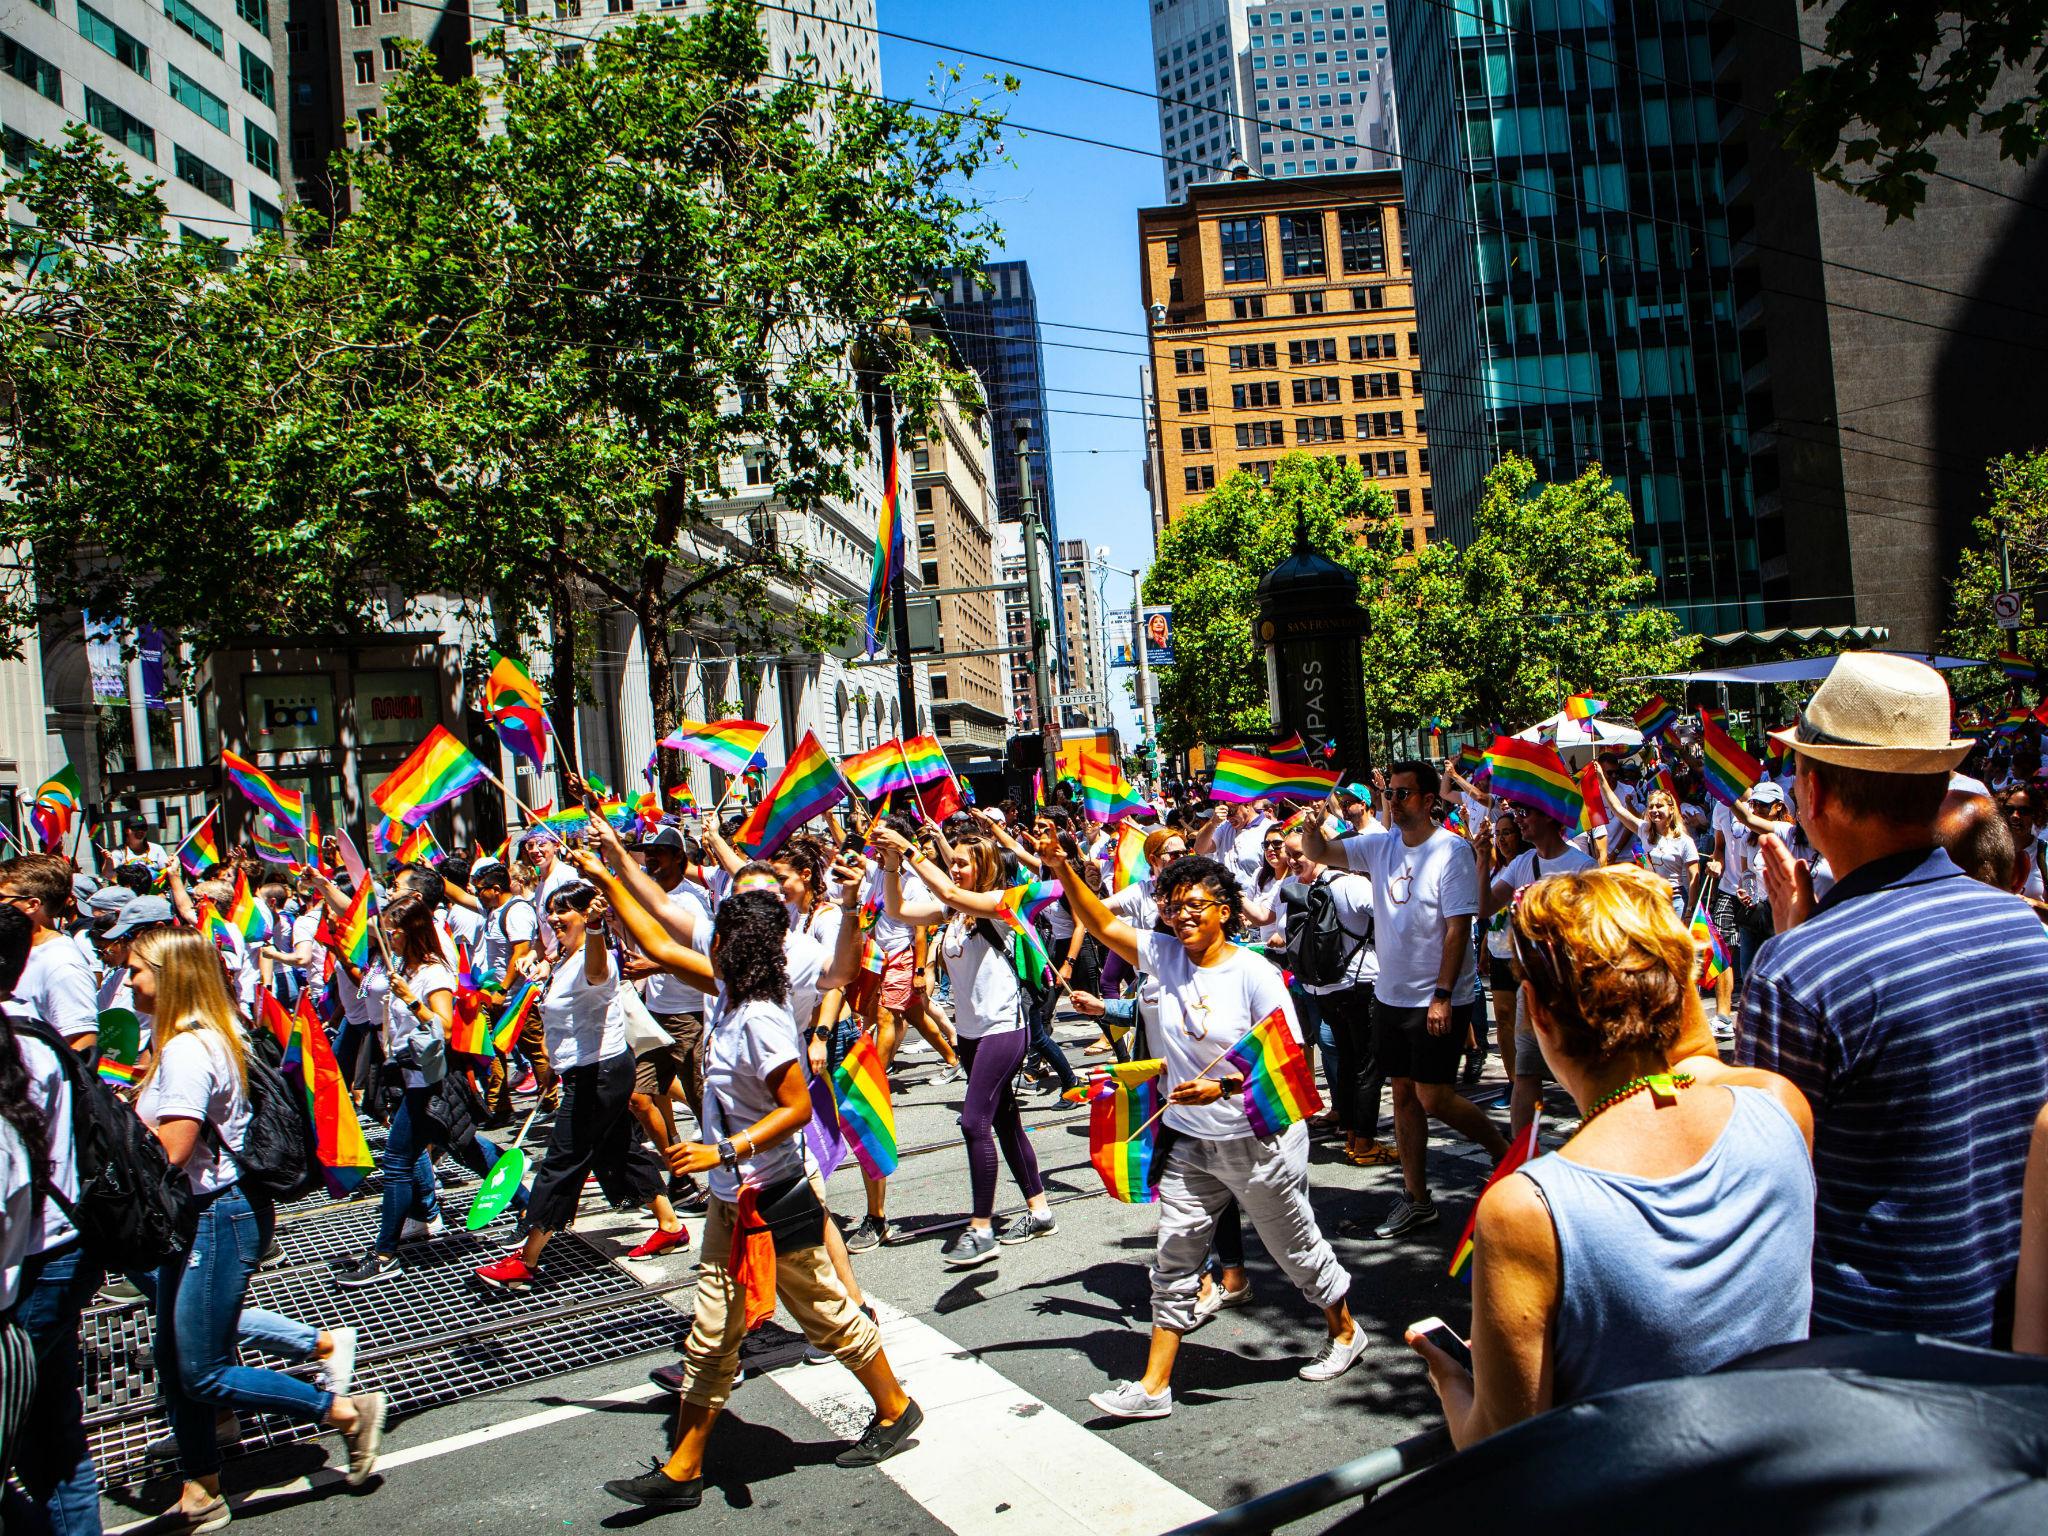 Pride celebrations in San Francisco